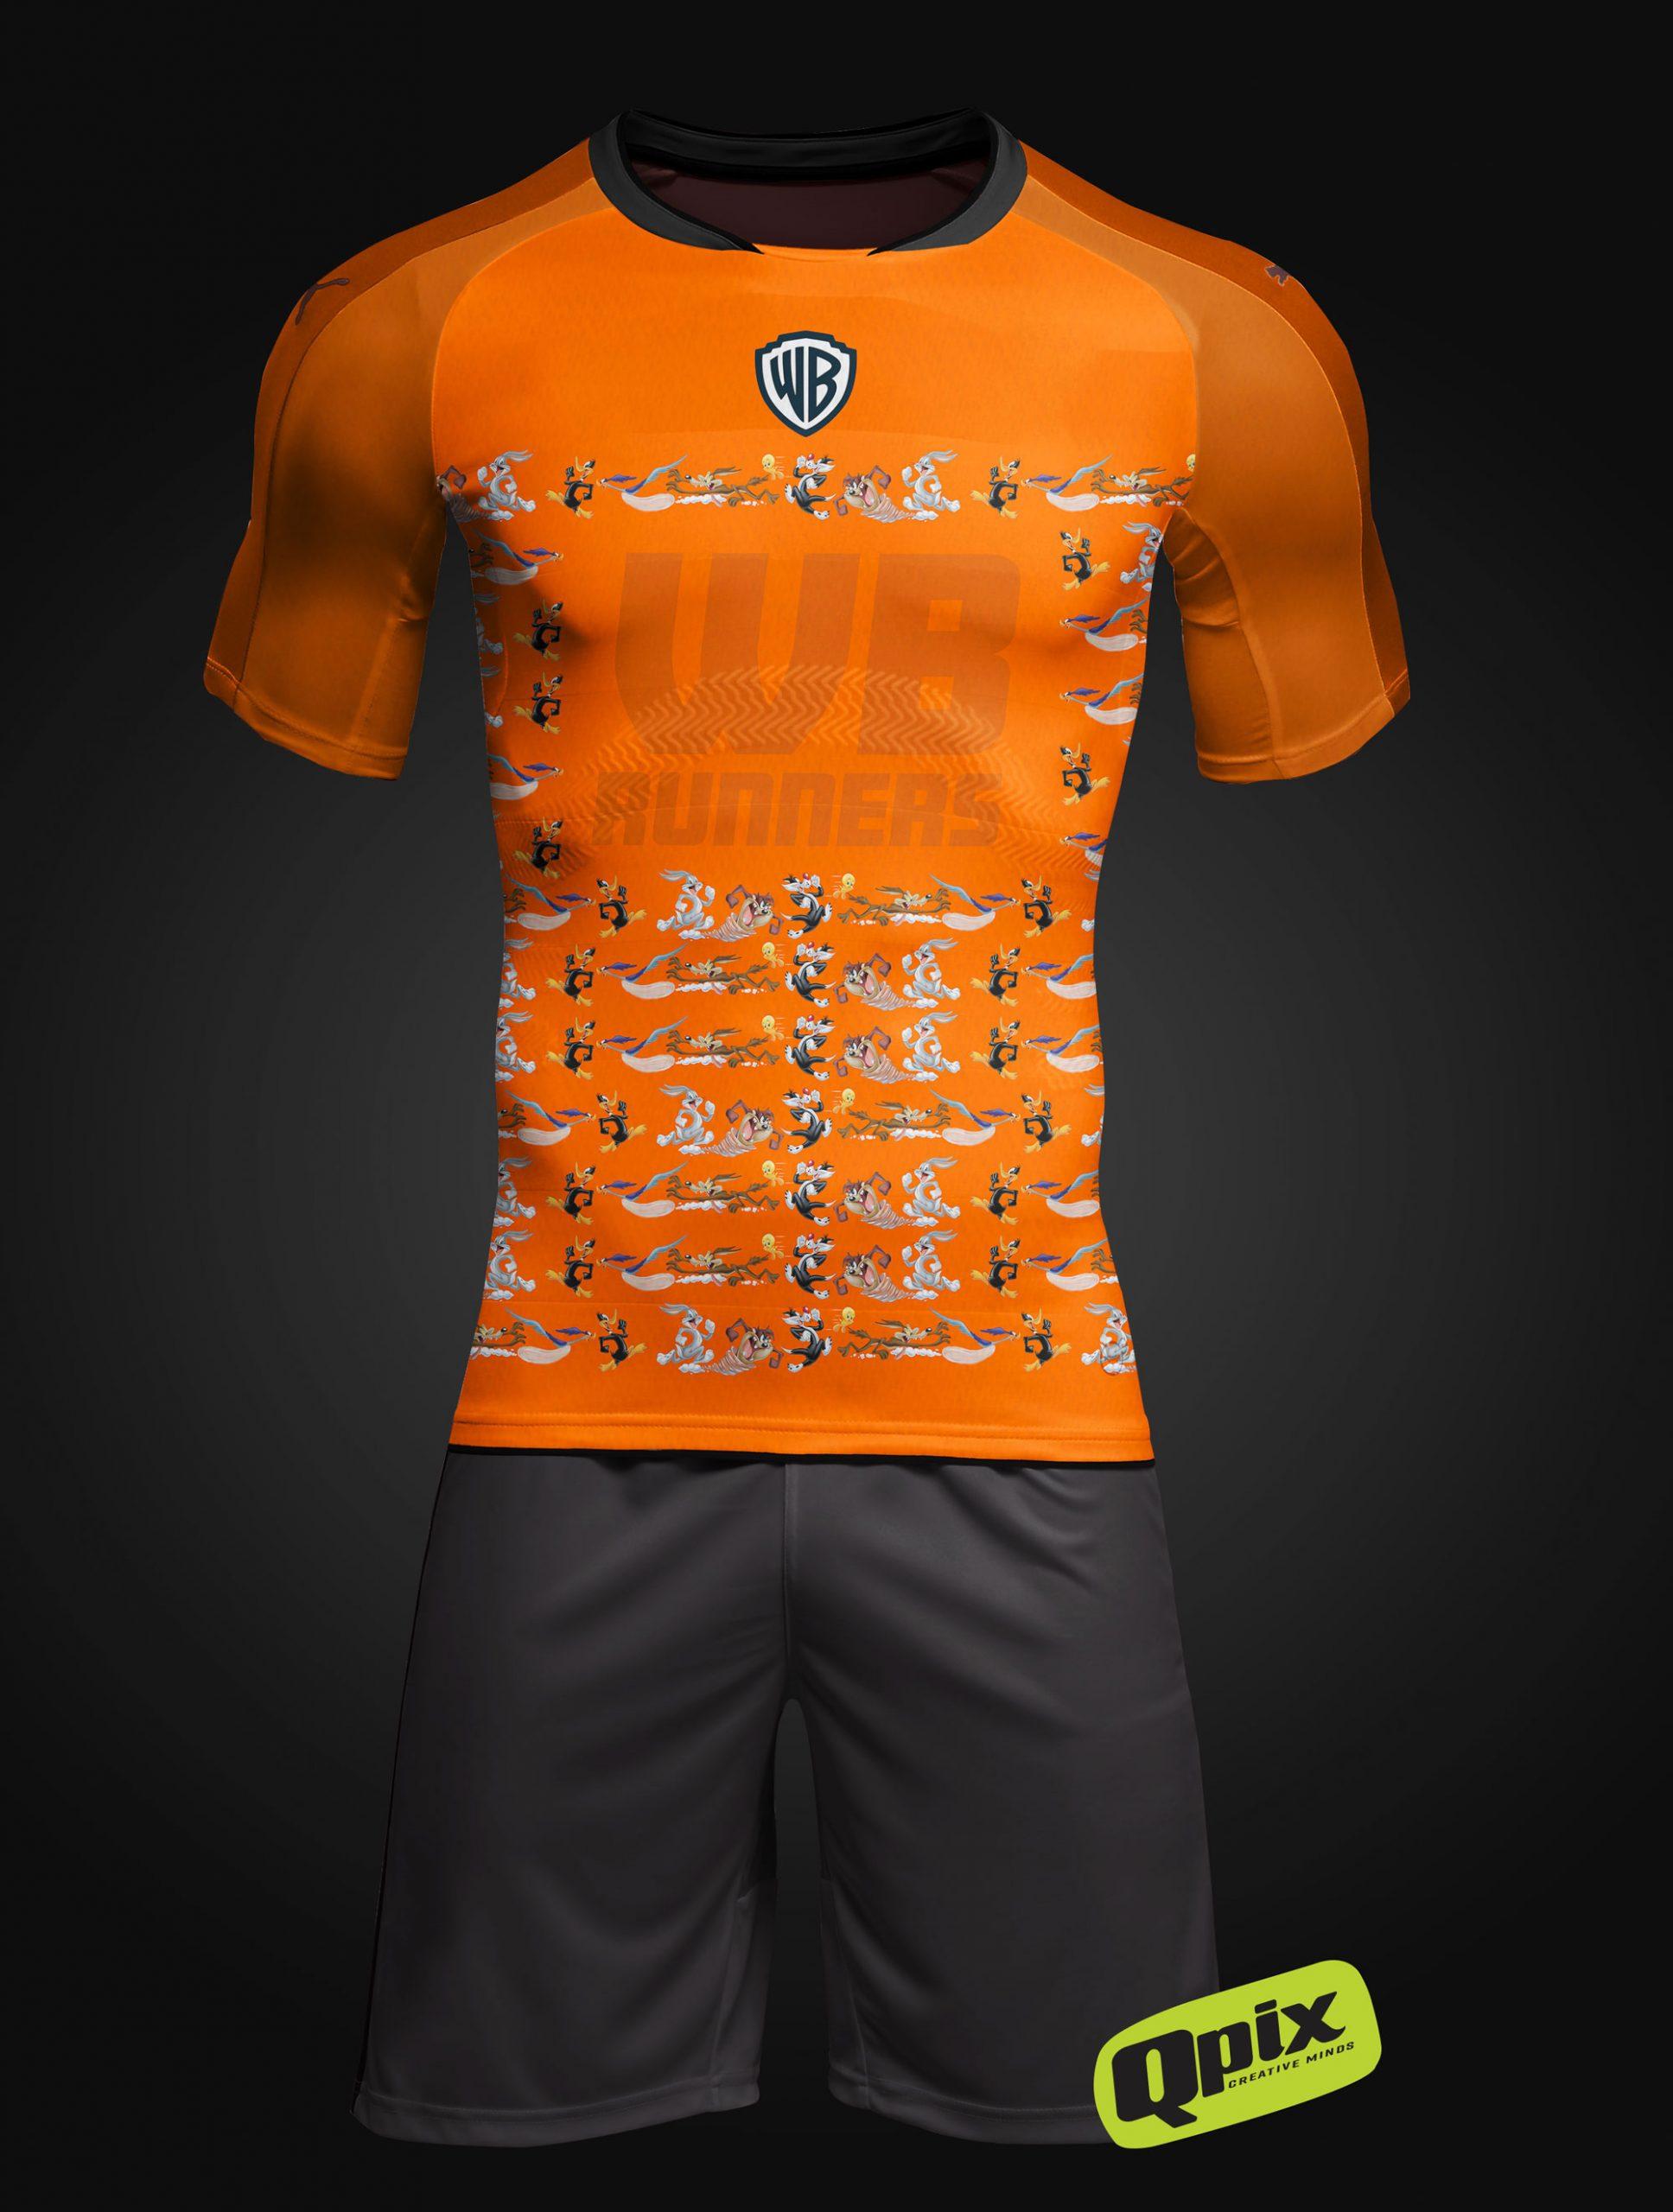 camiseta-de-corrida-WB-Runners_08-qpix-creative-minds